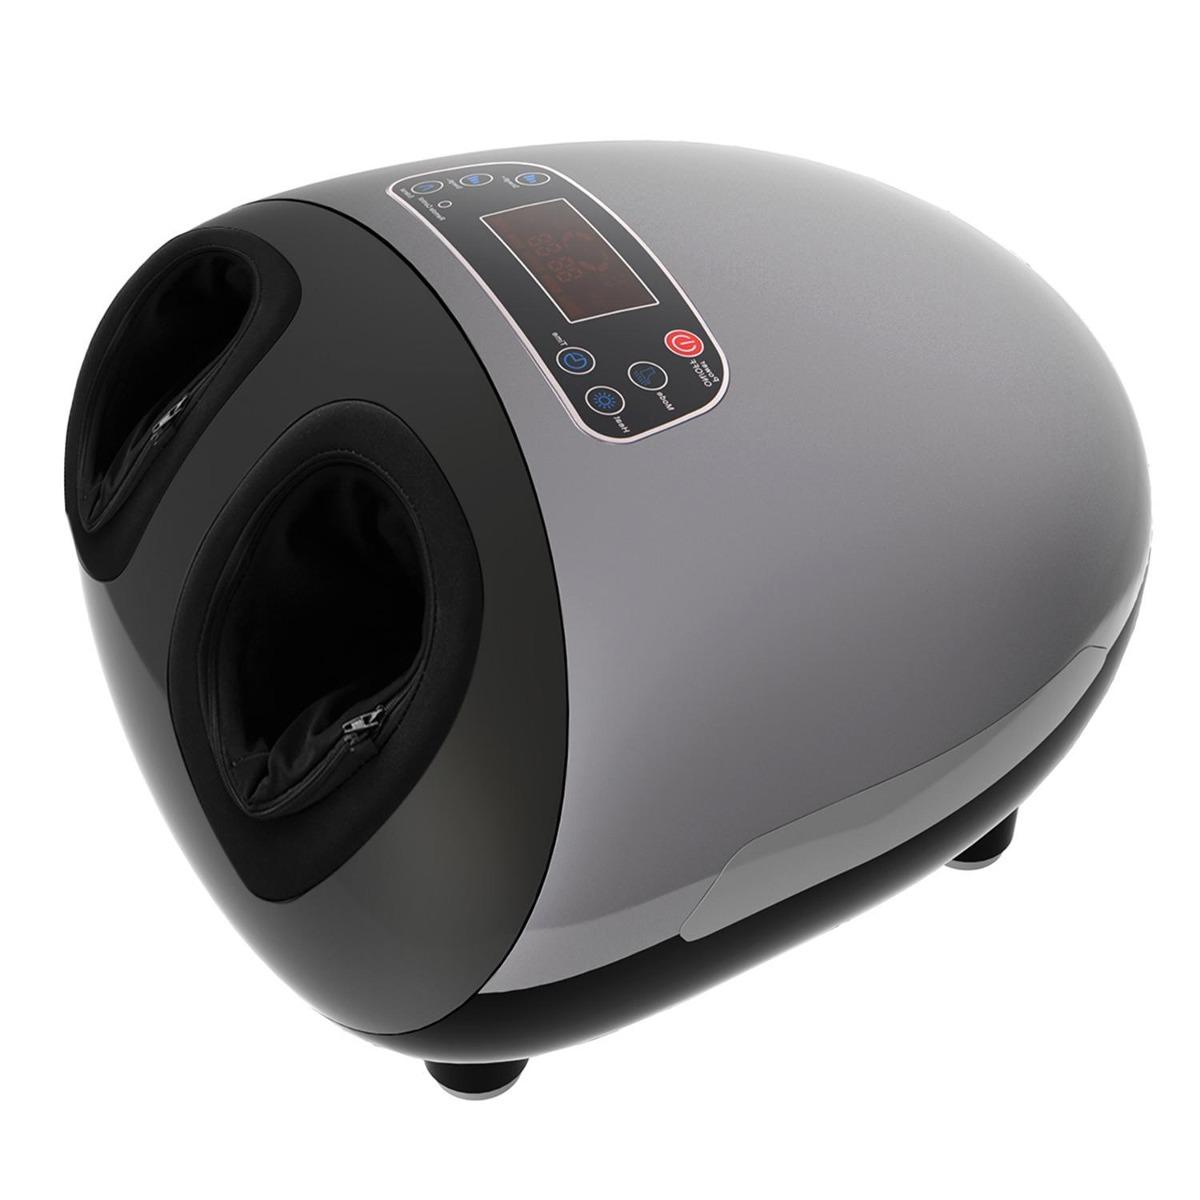 Masajeador Electro Estimulador De Pies Muscular - $ 1,768.38 en ...